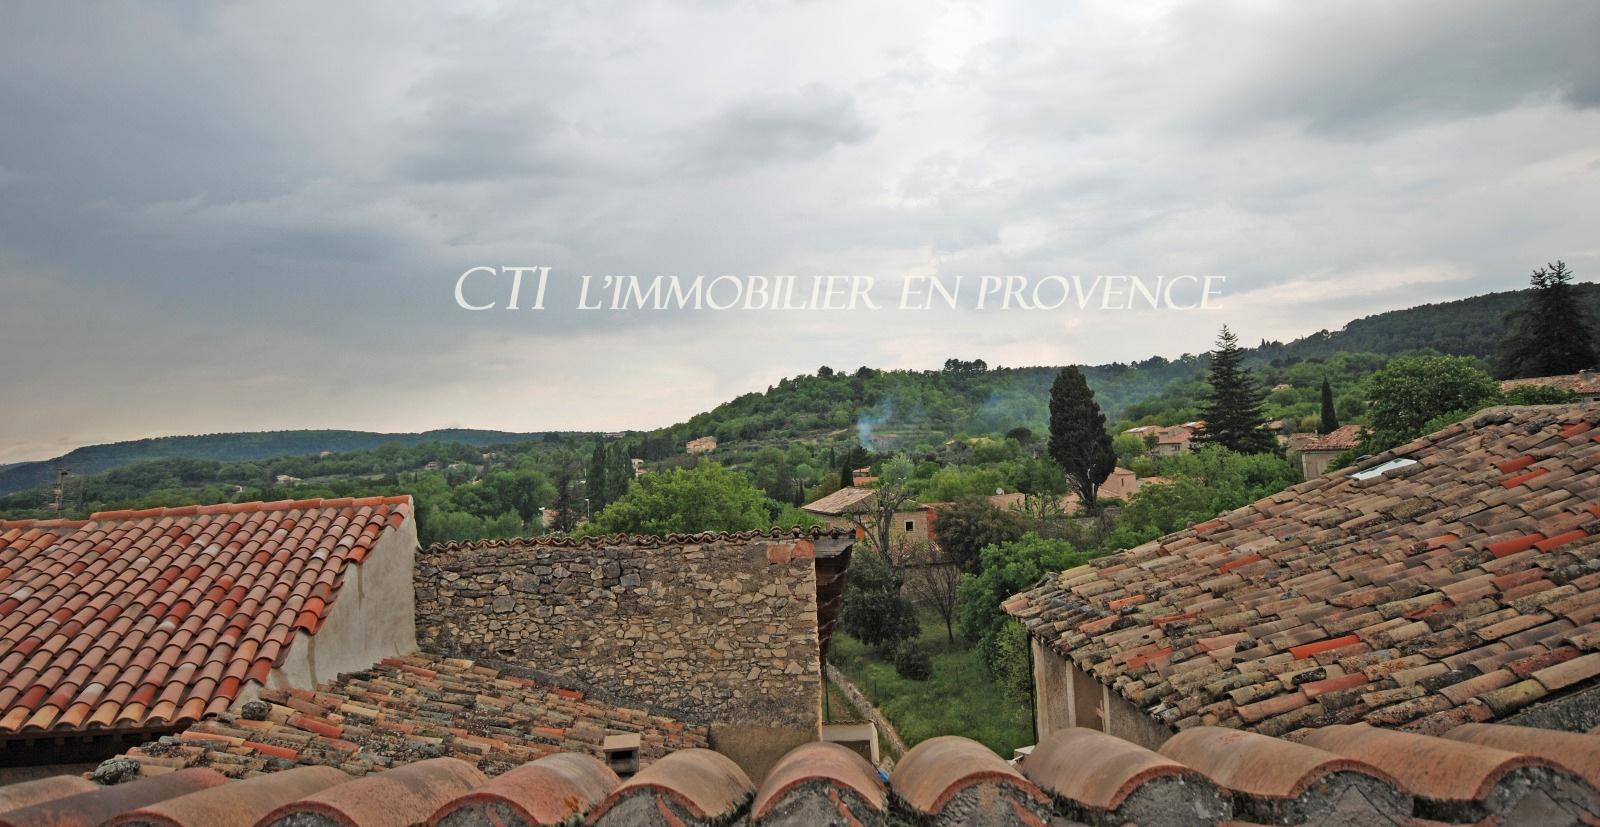 0 www.cti-provence.netn vente, maison de village (2 log.) avec garage; terrasse et caves voût&